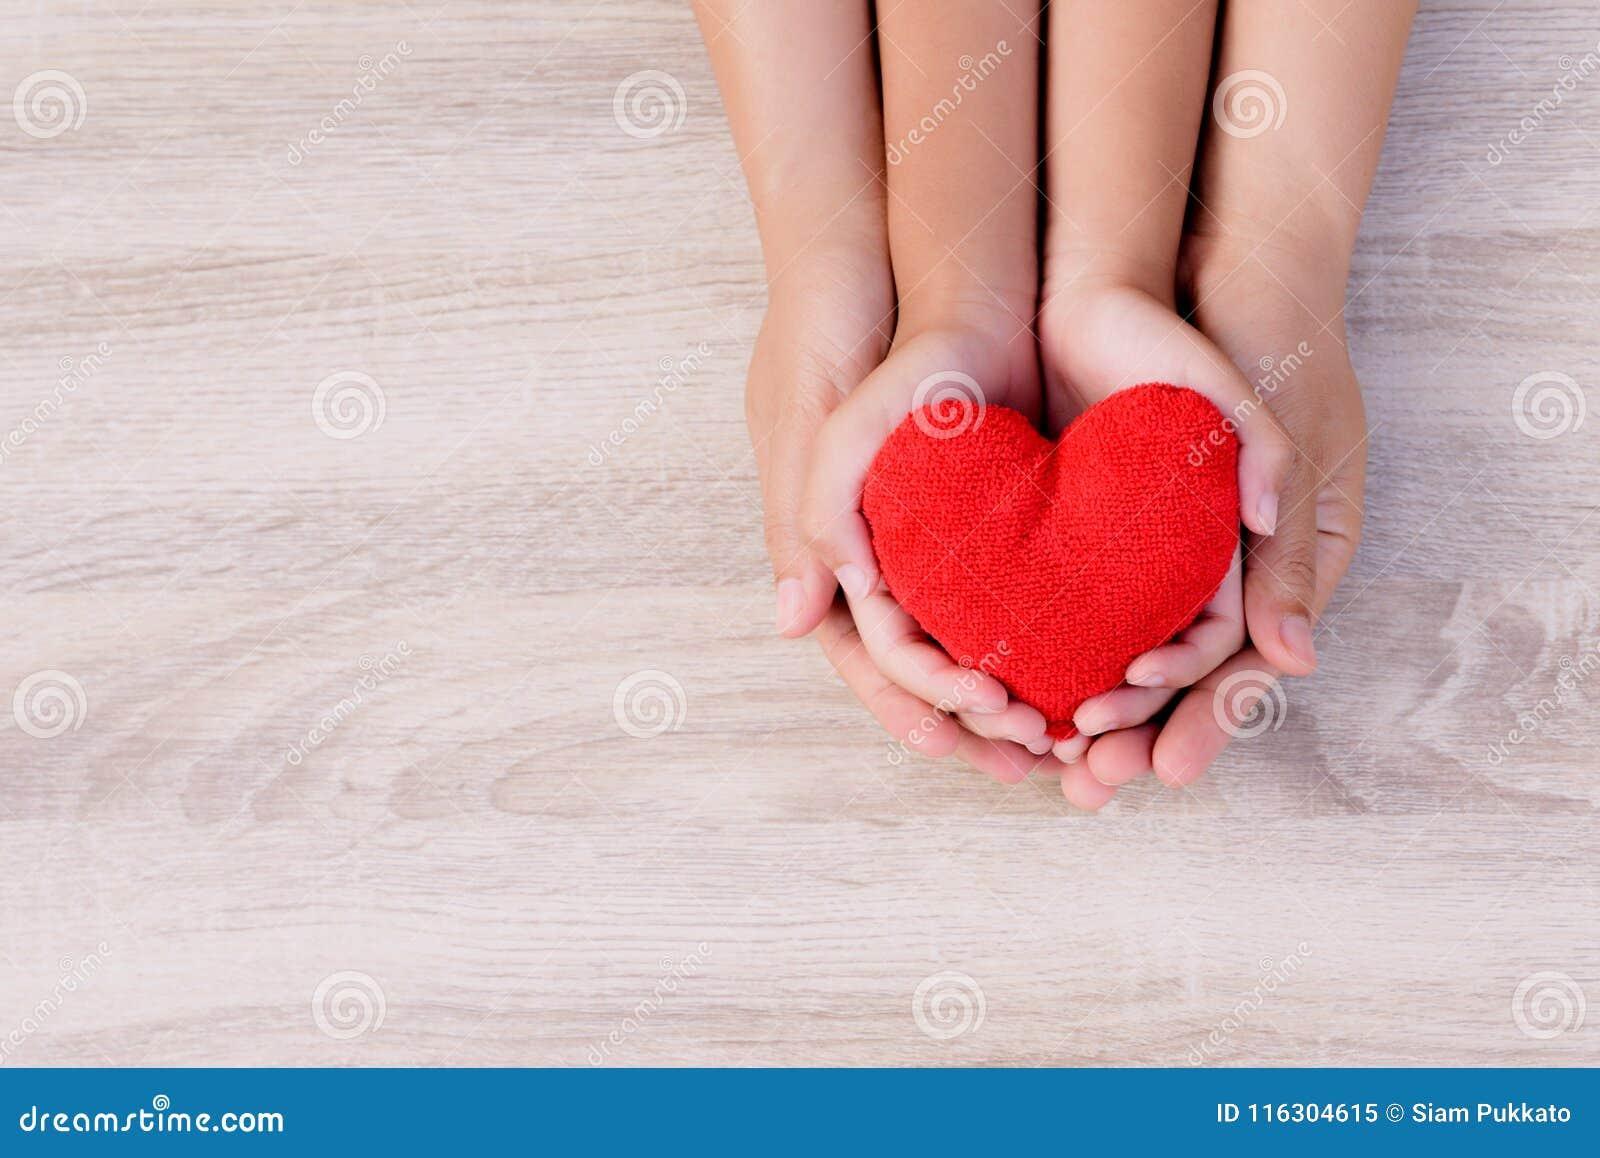 Υγειονομική περίθαλψη, αγάπη, δωρεά οργάνων, οικογενειακή ασφάλεια και έννοια CSR